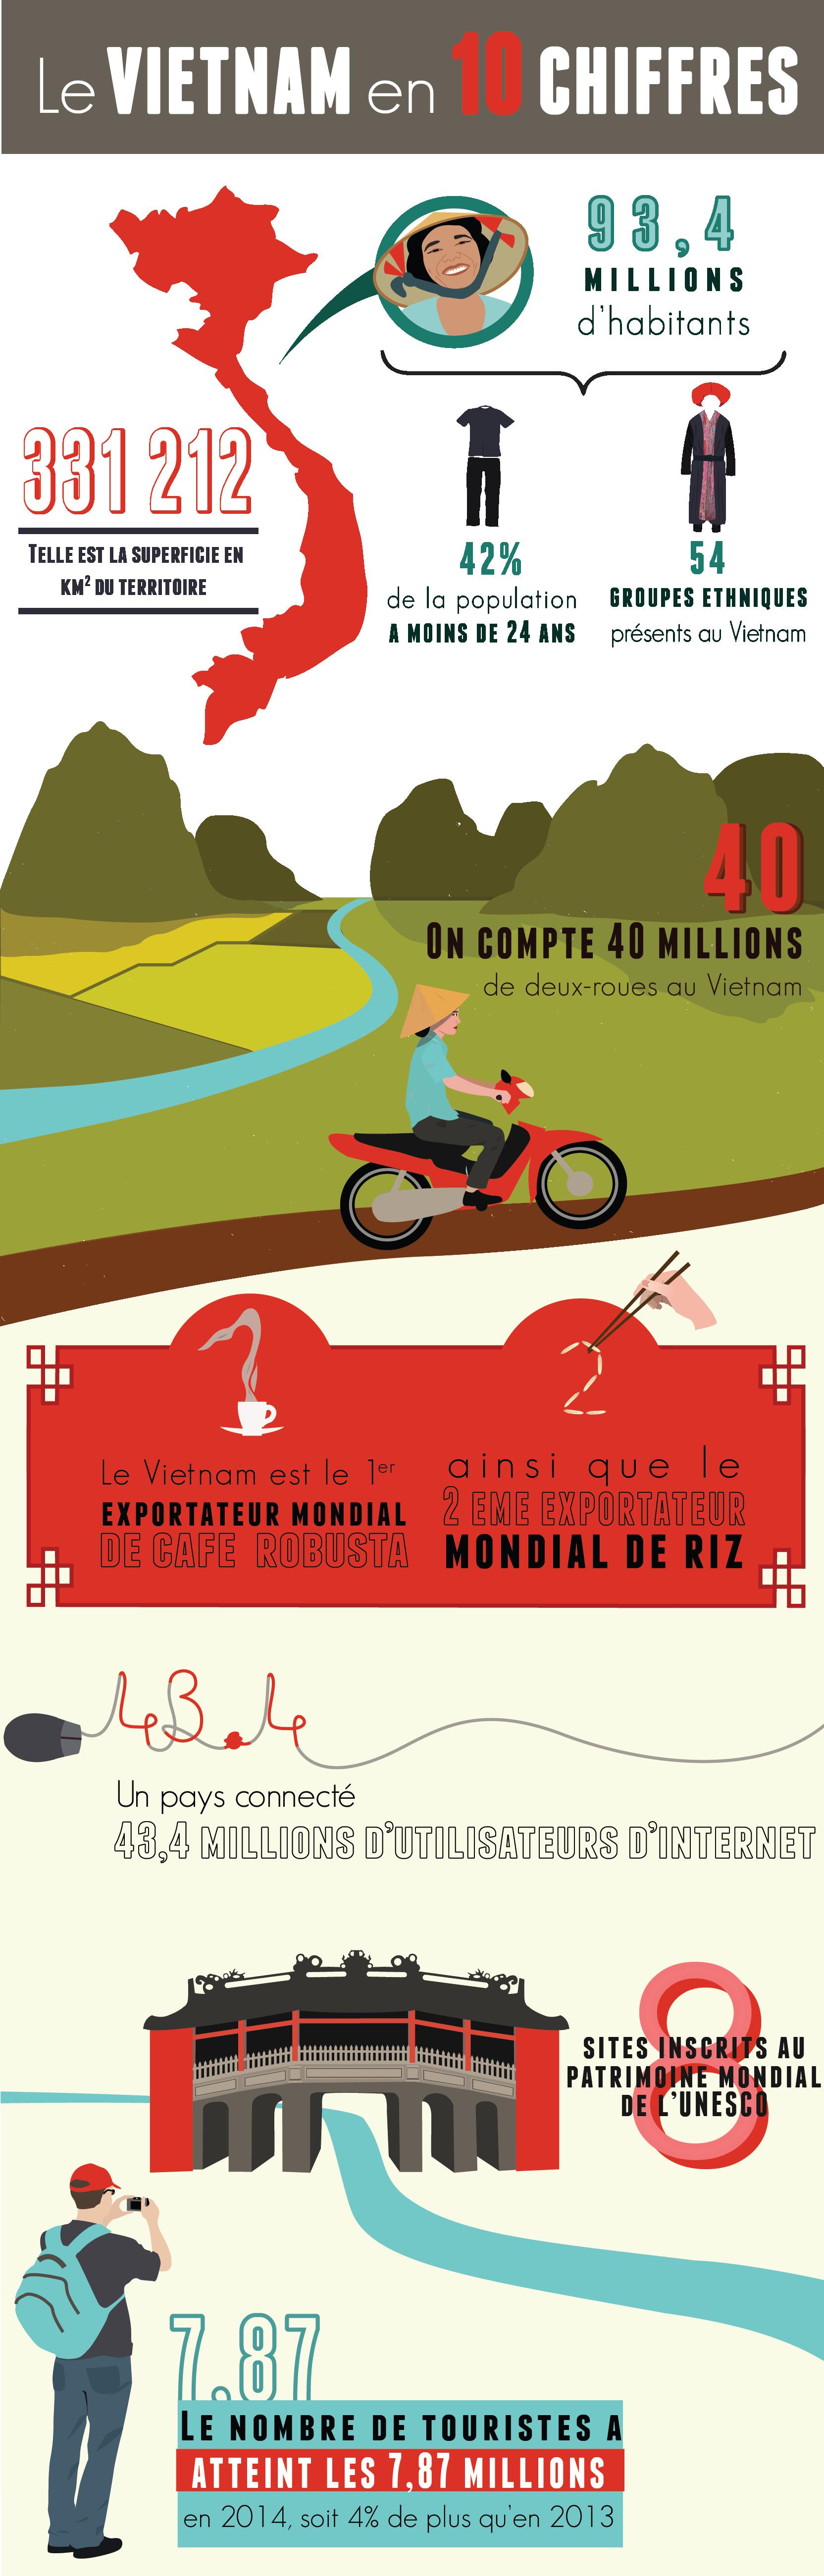 infographie-vietnam-10-chiffres-